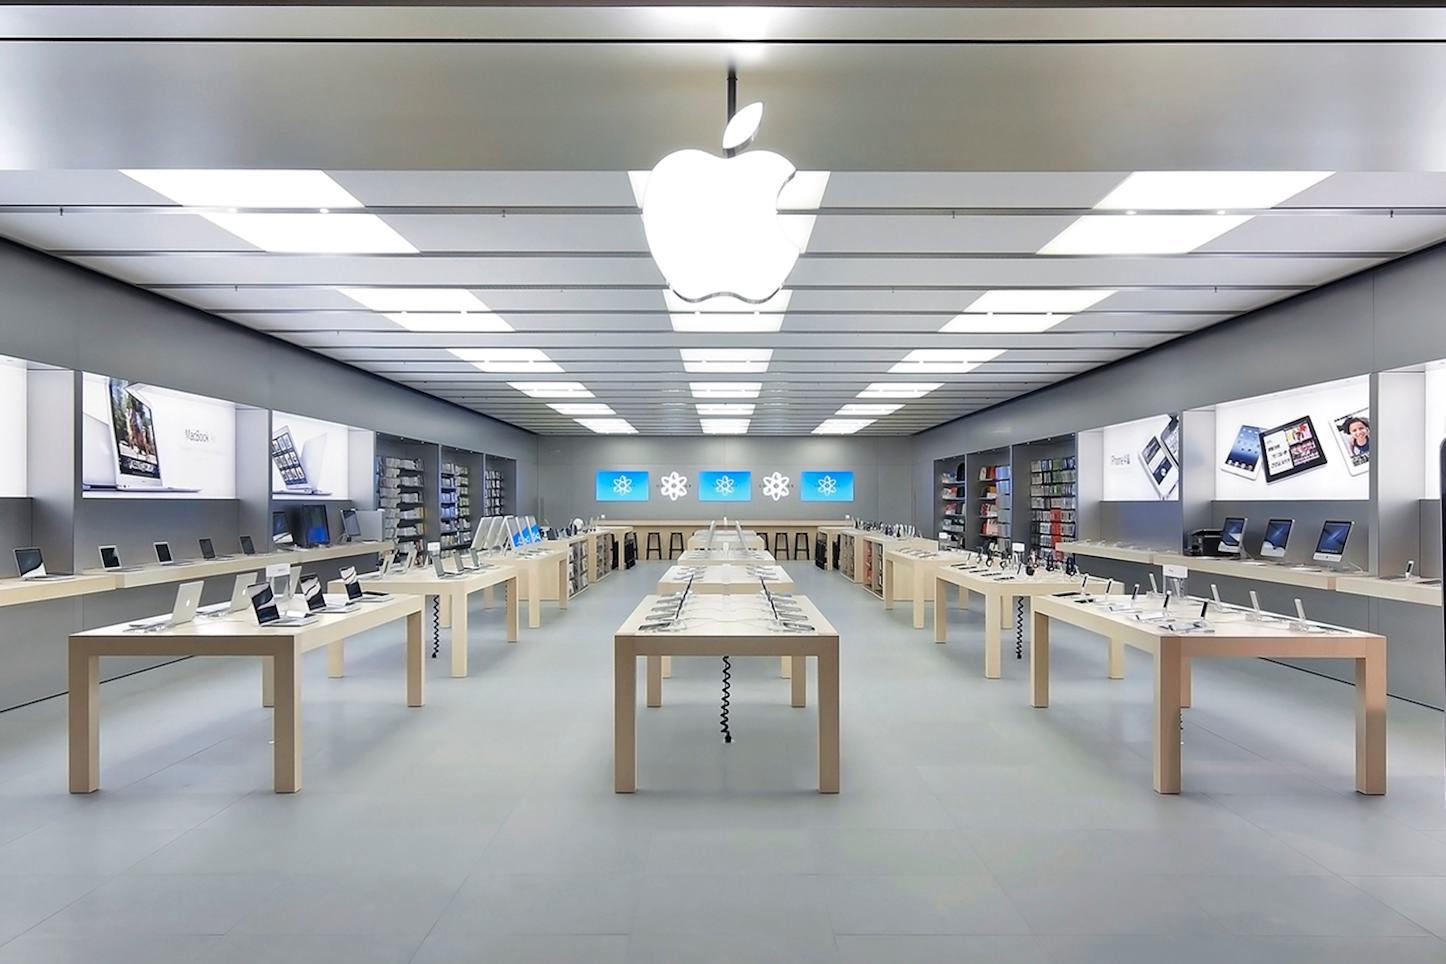 フランスのApple Storeで展示商品を次々と叩き破壊する男性が話題 | ゴリミー